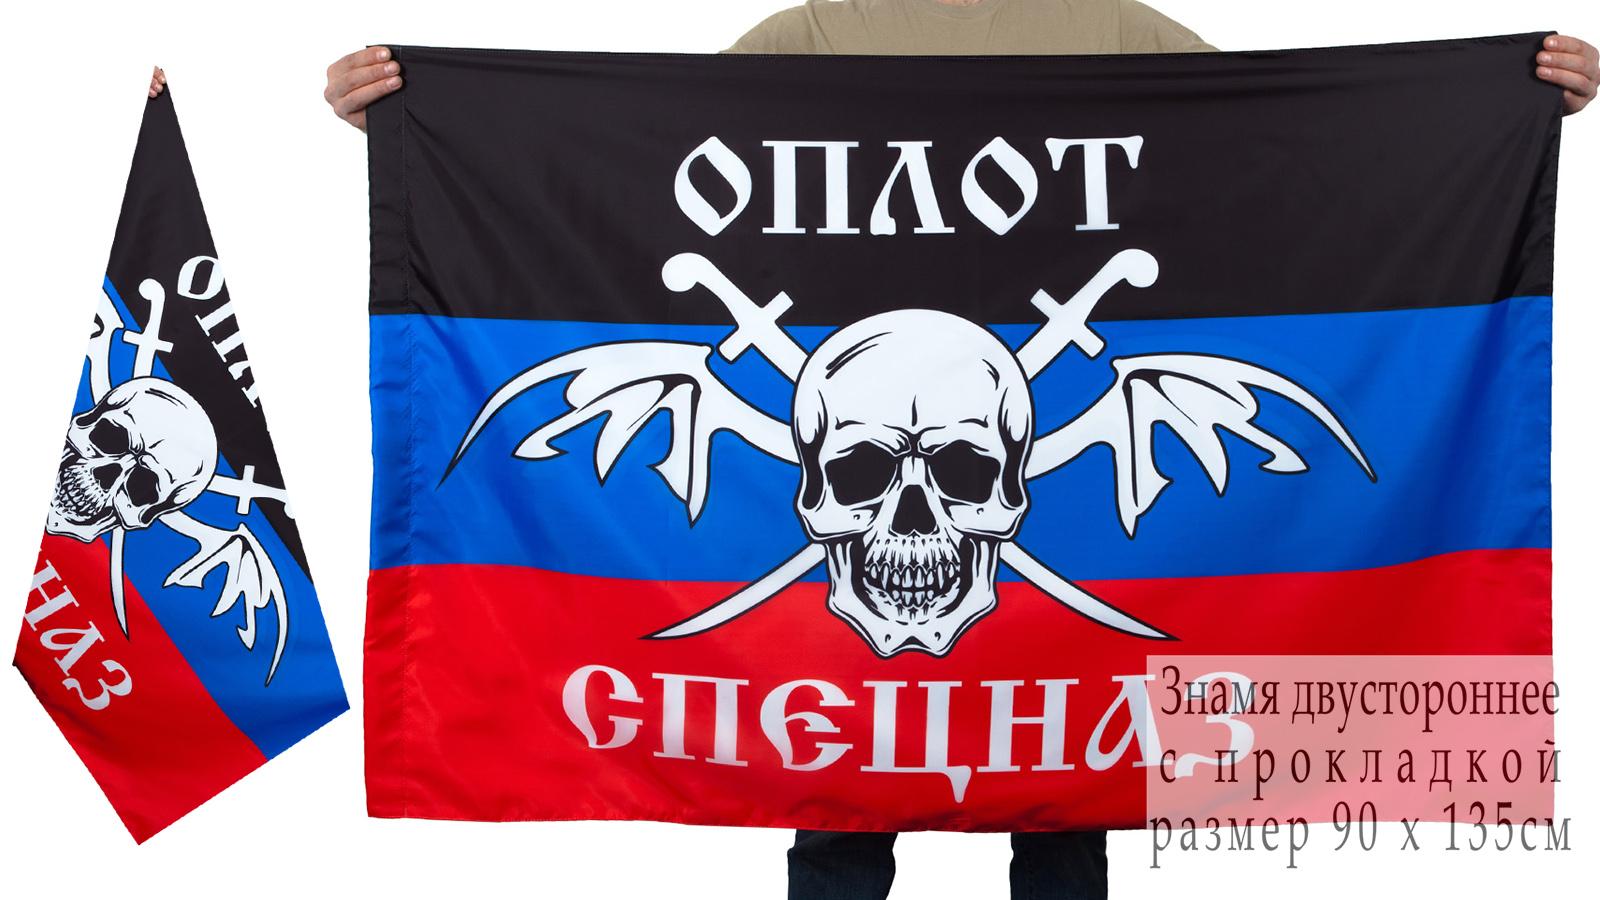 """Знамя подразделения спецназа ДНР """"Оплот"""""""